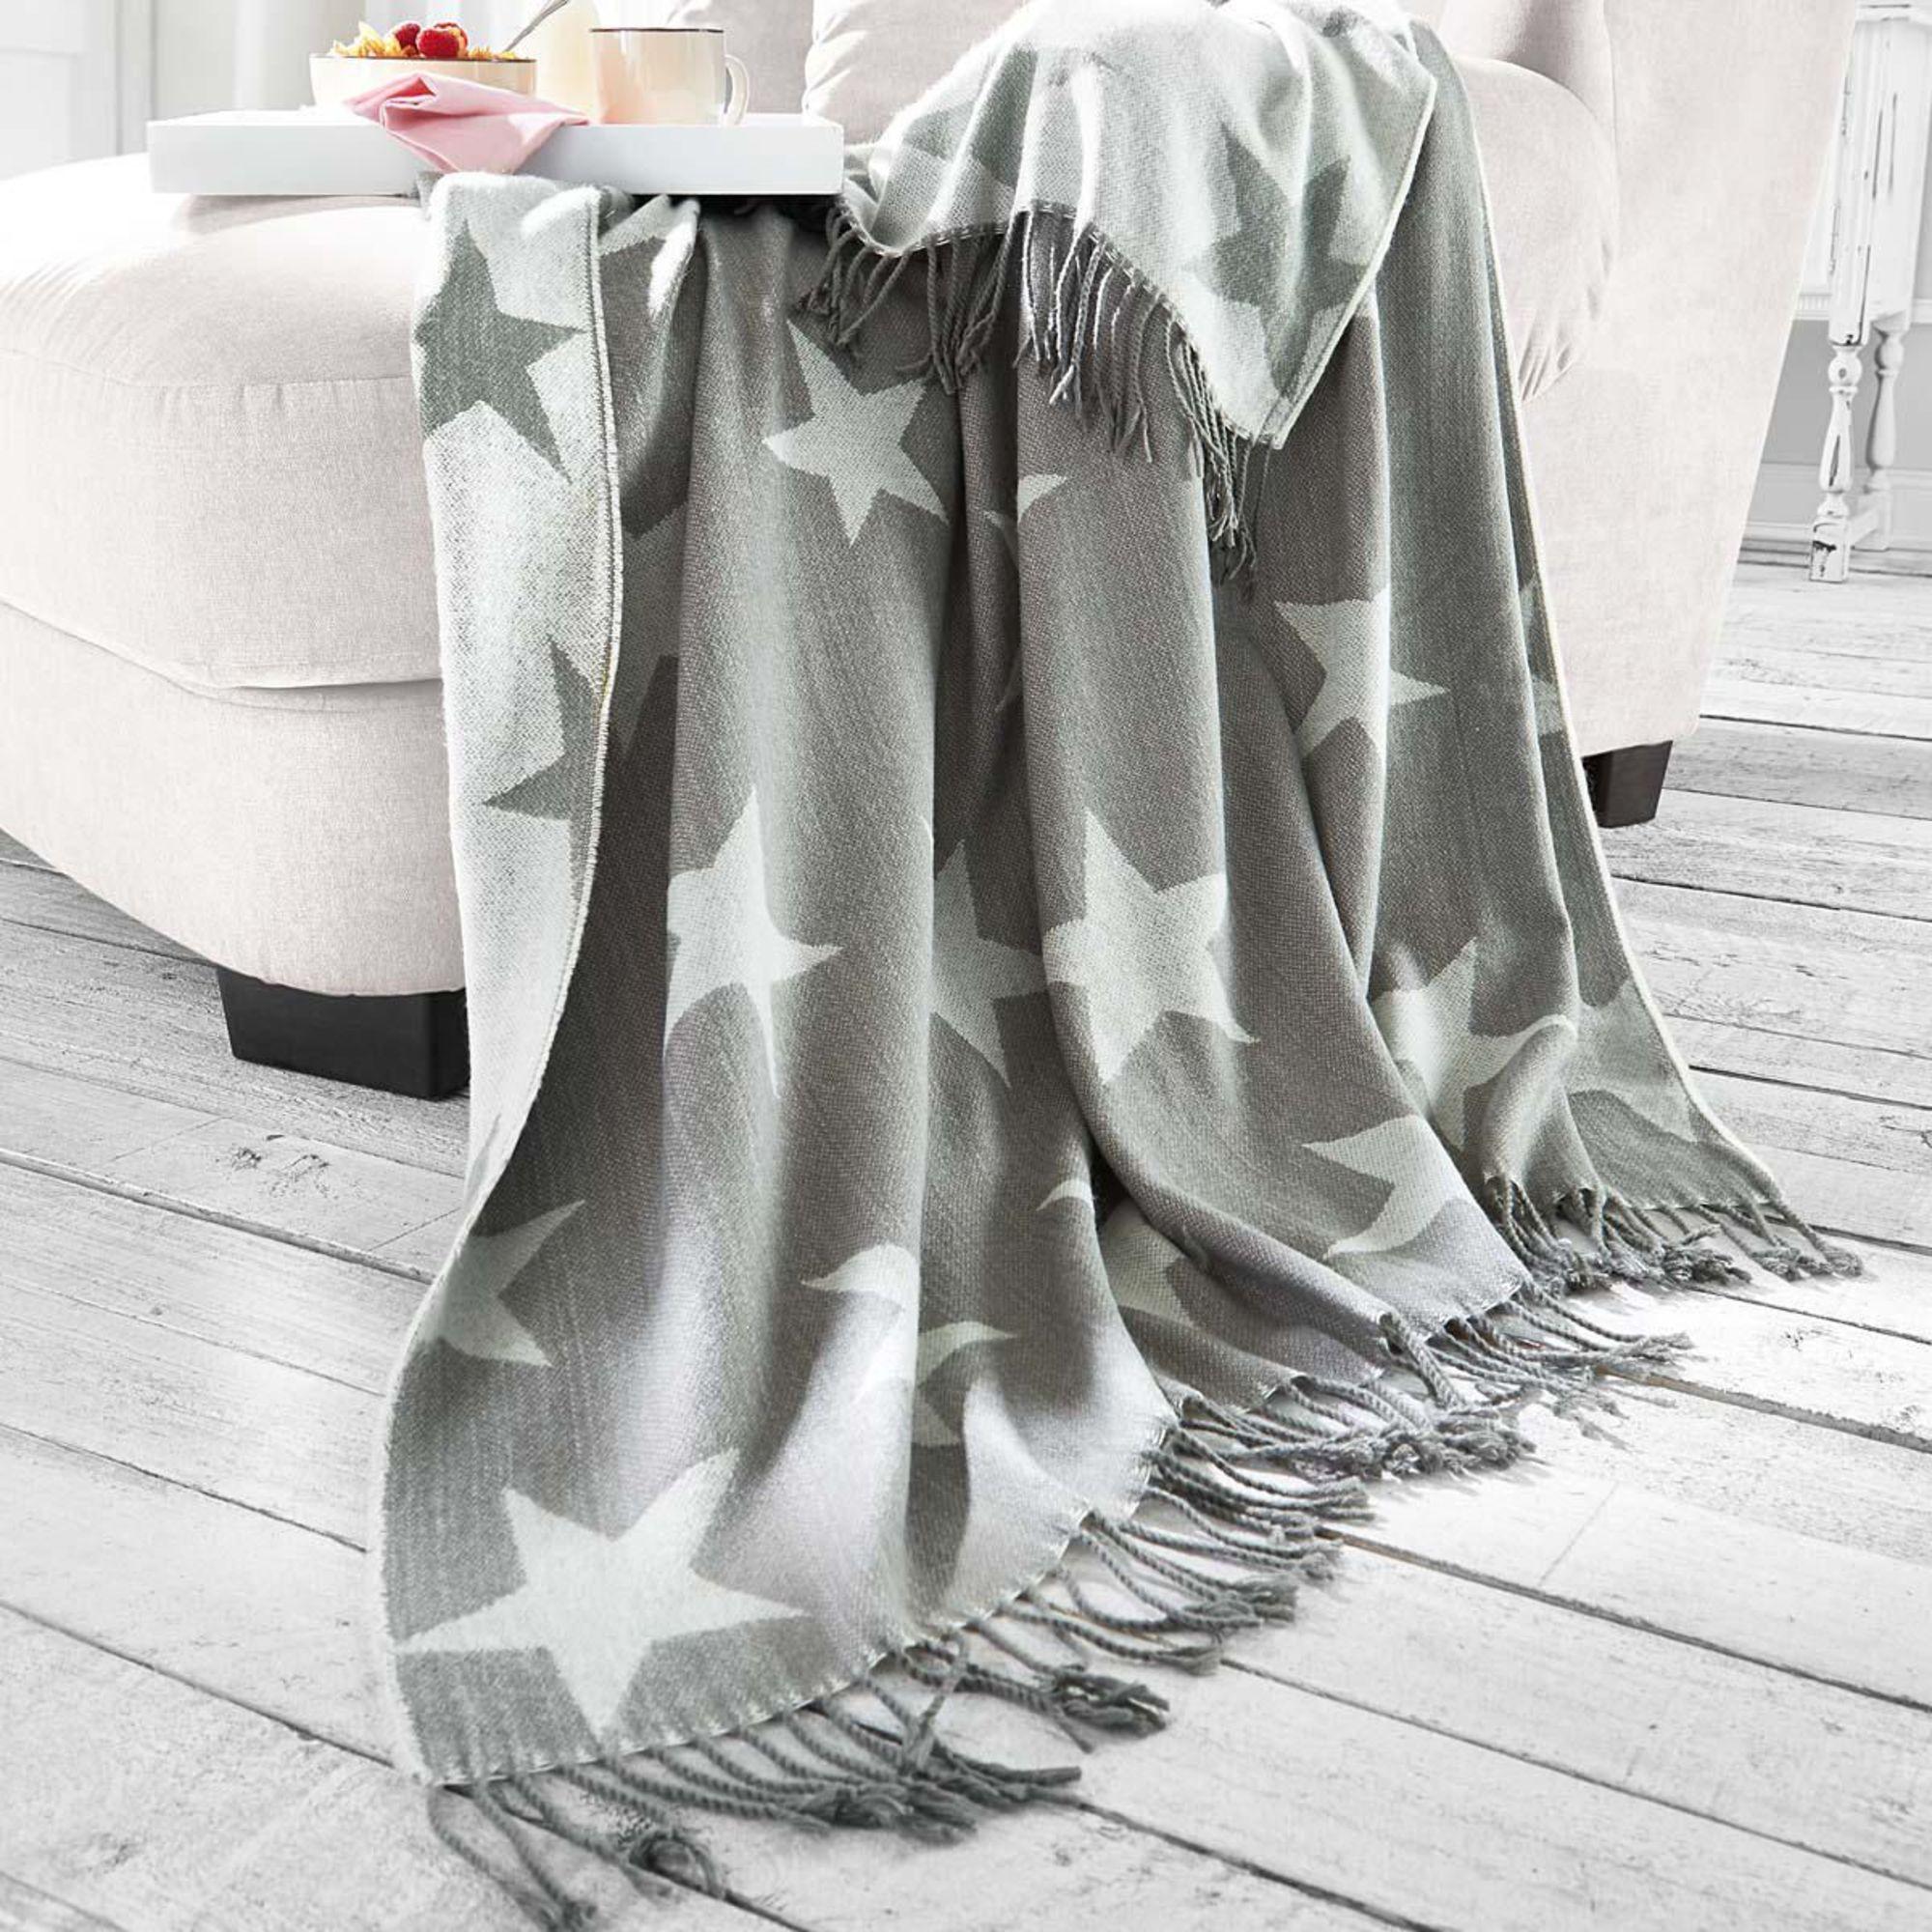 wohndecke sterne grau kuscheldecke wohnzimmerdecke. Black Bedroom Furniture Sets. Home Design Ideas